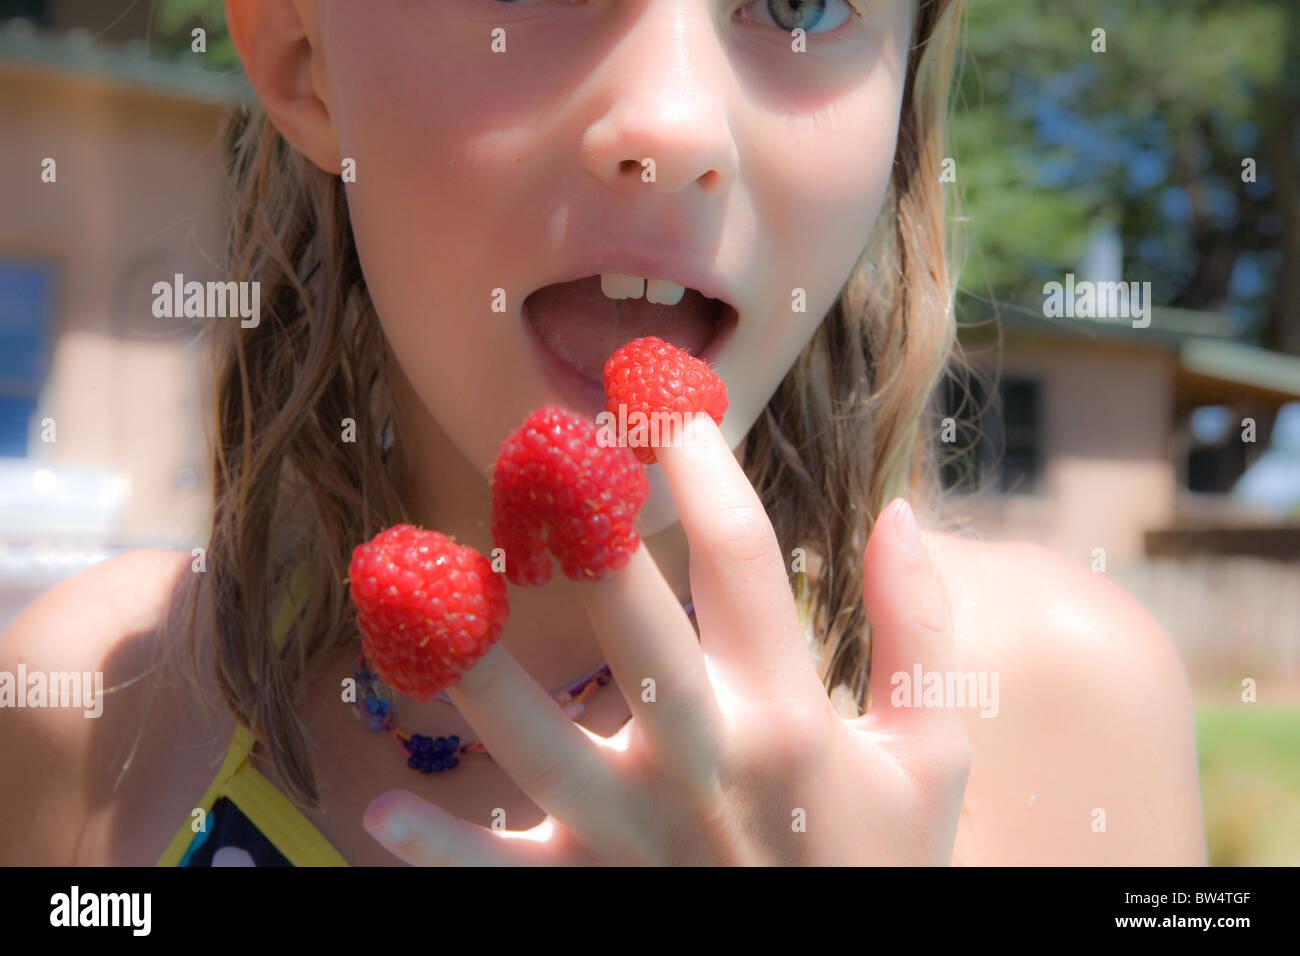 Chica con frambuesas en la punta de los dedos, boca abierta Imagen De Stock